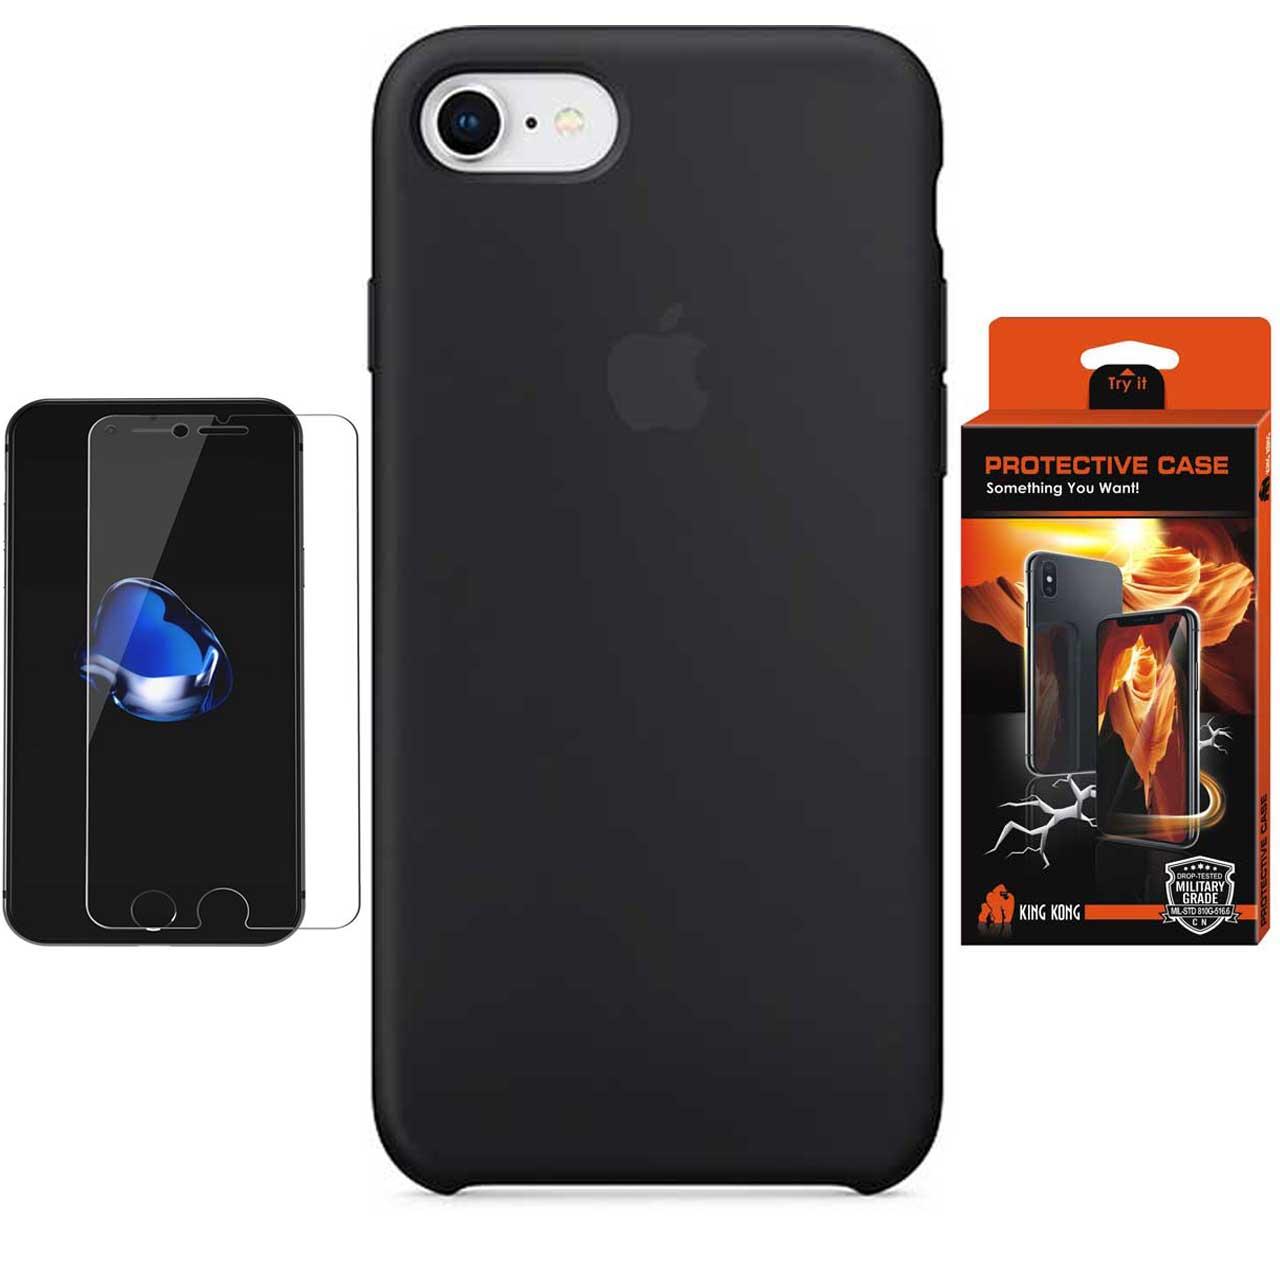 کاور سیلیکونی پروتکتیو کیس مدل Hyper Protector مناسب برای گوشی موبایل اپل iPhone 8 به همراه محافظ صفحه نمایش